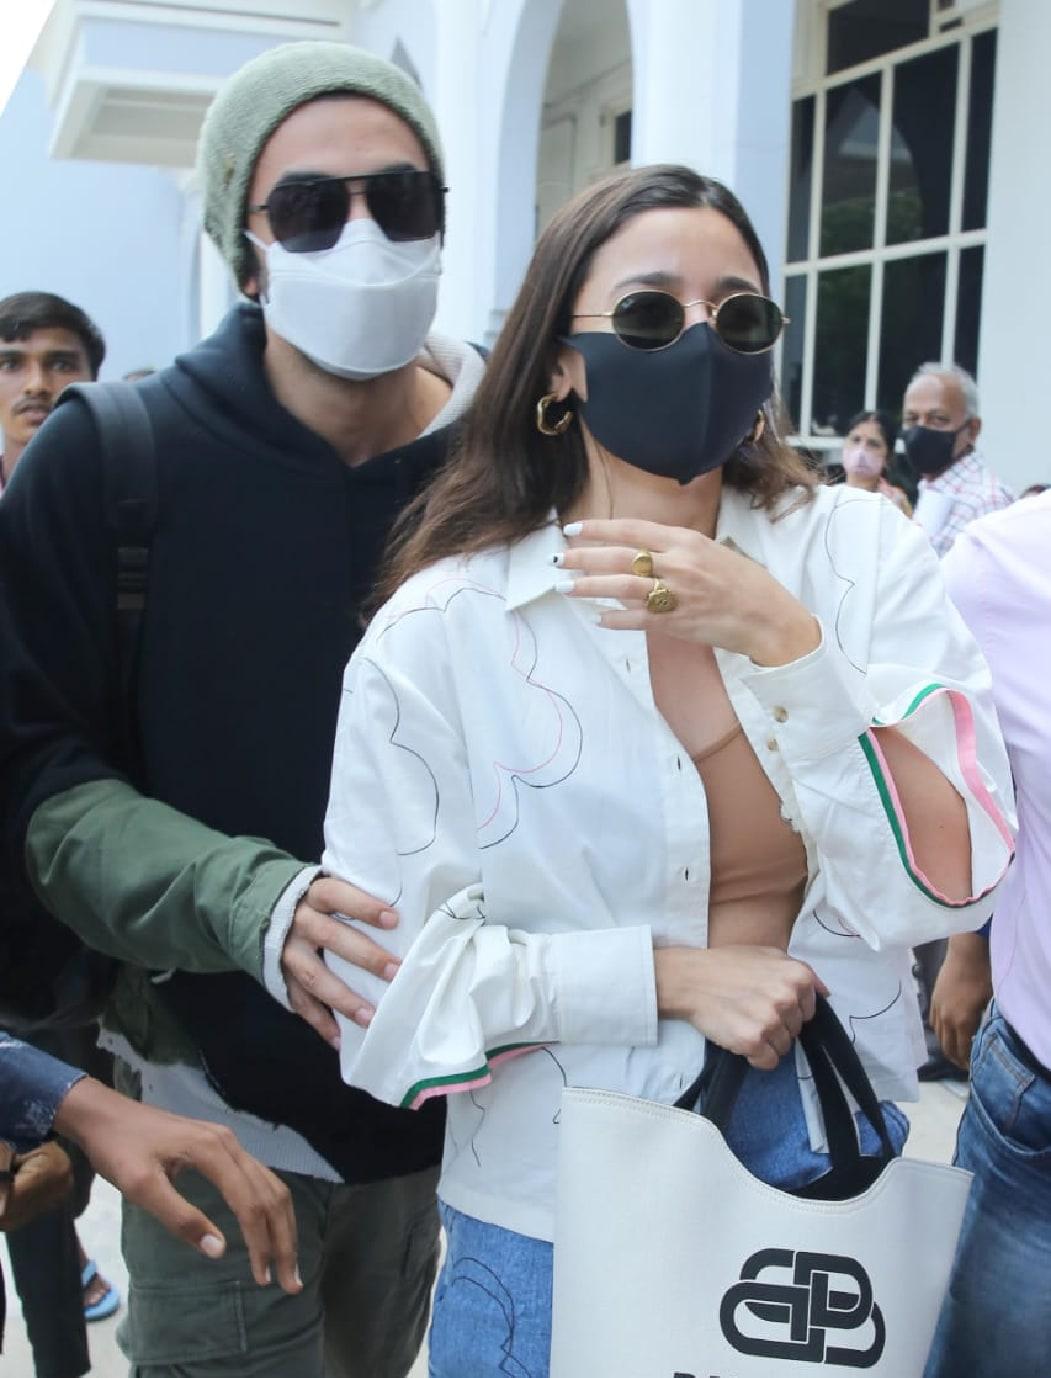 इस दौरान आलिया व्हाइट शर्ट और ब्लू जीन्स में नजर आईं, तो वहीं रणबीर ब्लैक ड्रेस पहने हुए थे. (फोटो साभारः Viral Bhayani)